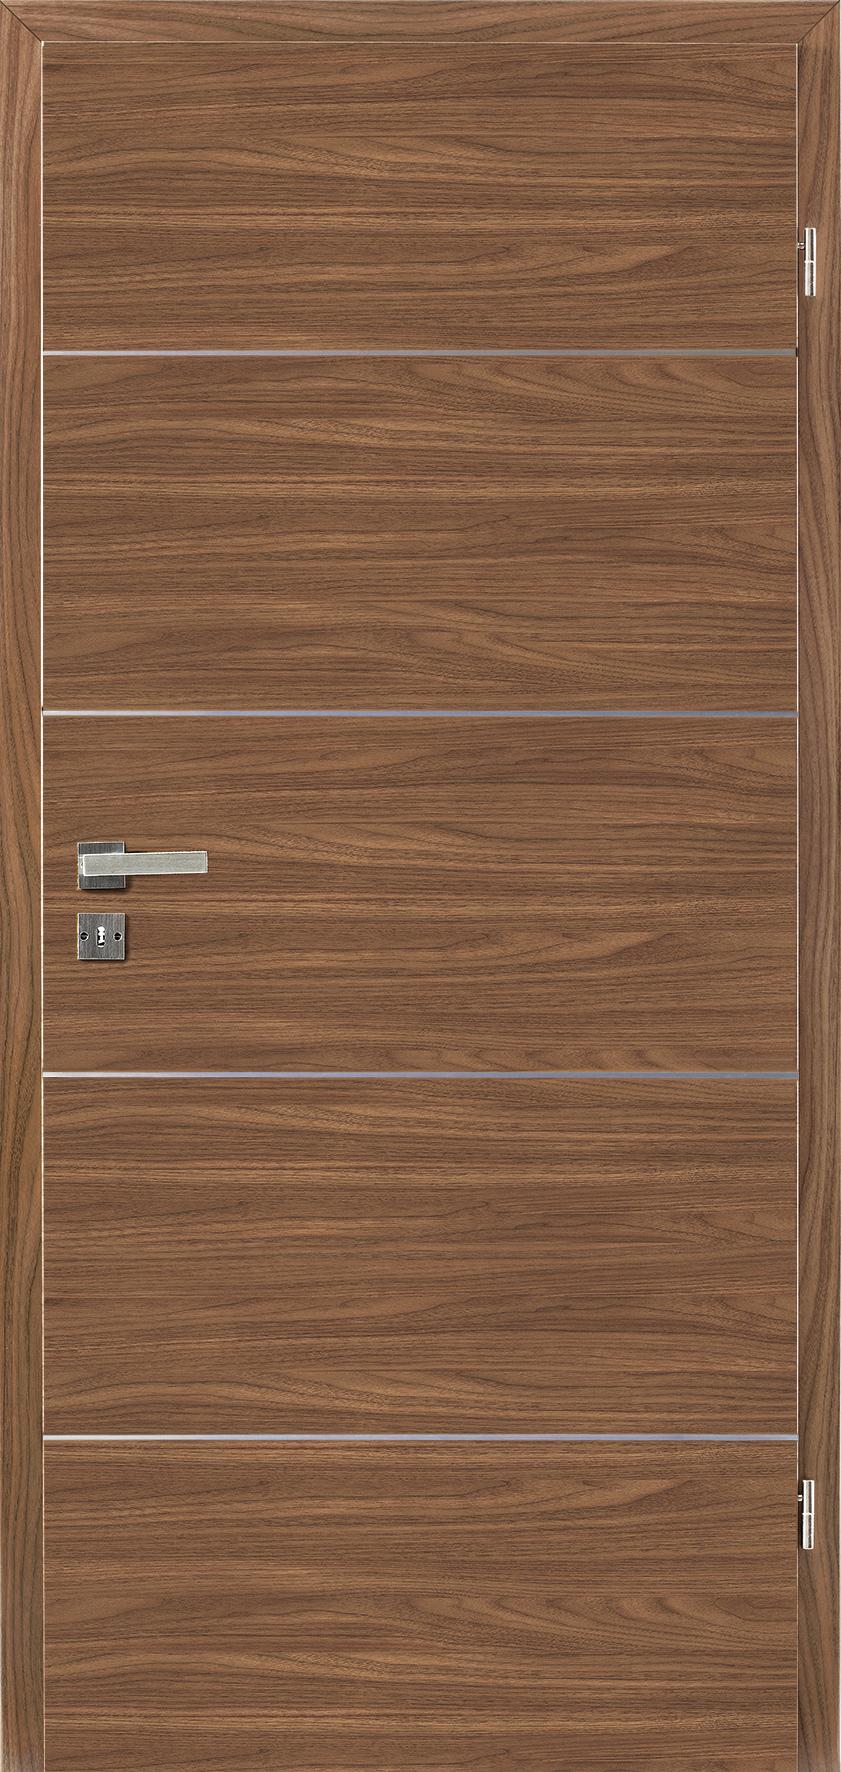 modernes echtholzt relement exklusiv fusion 1. Black Bedroom Furniture Sets. Home Design Ideas